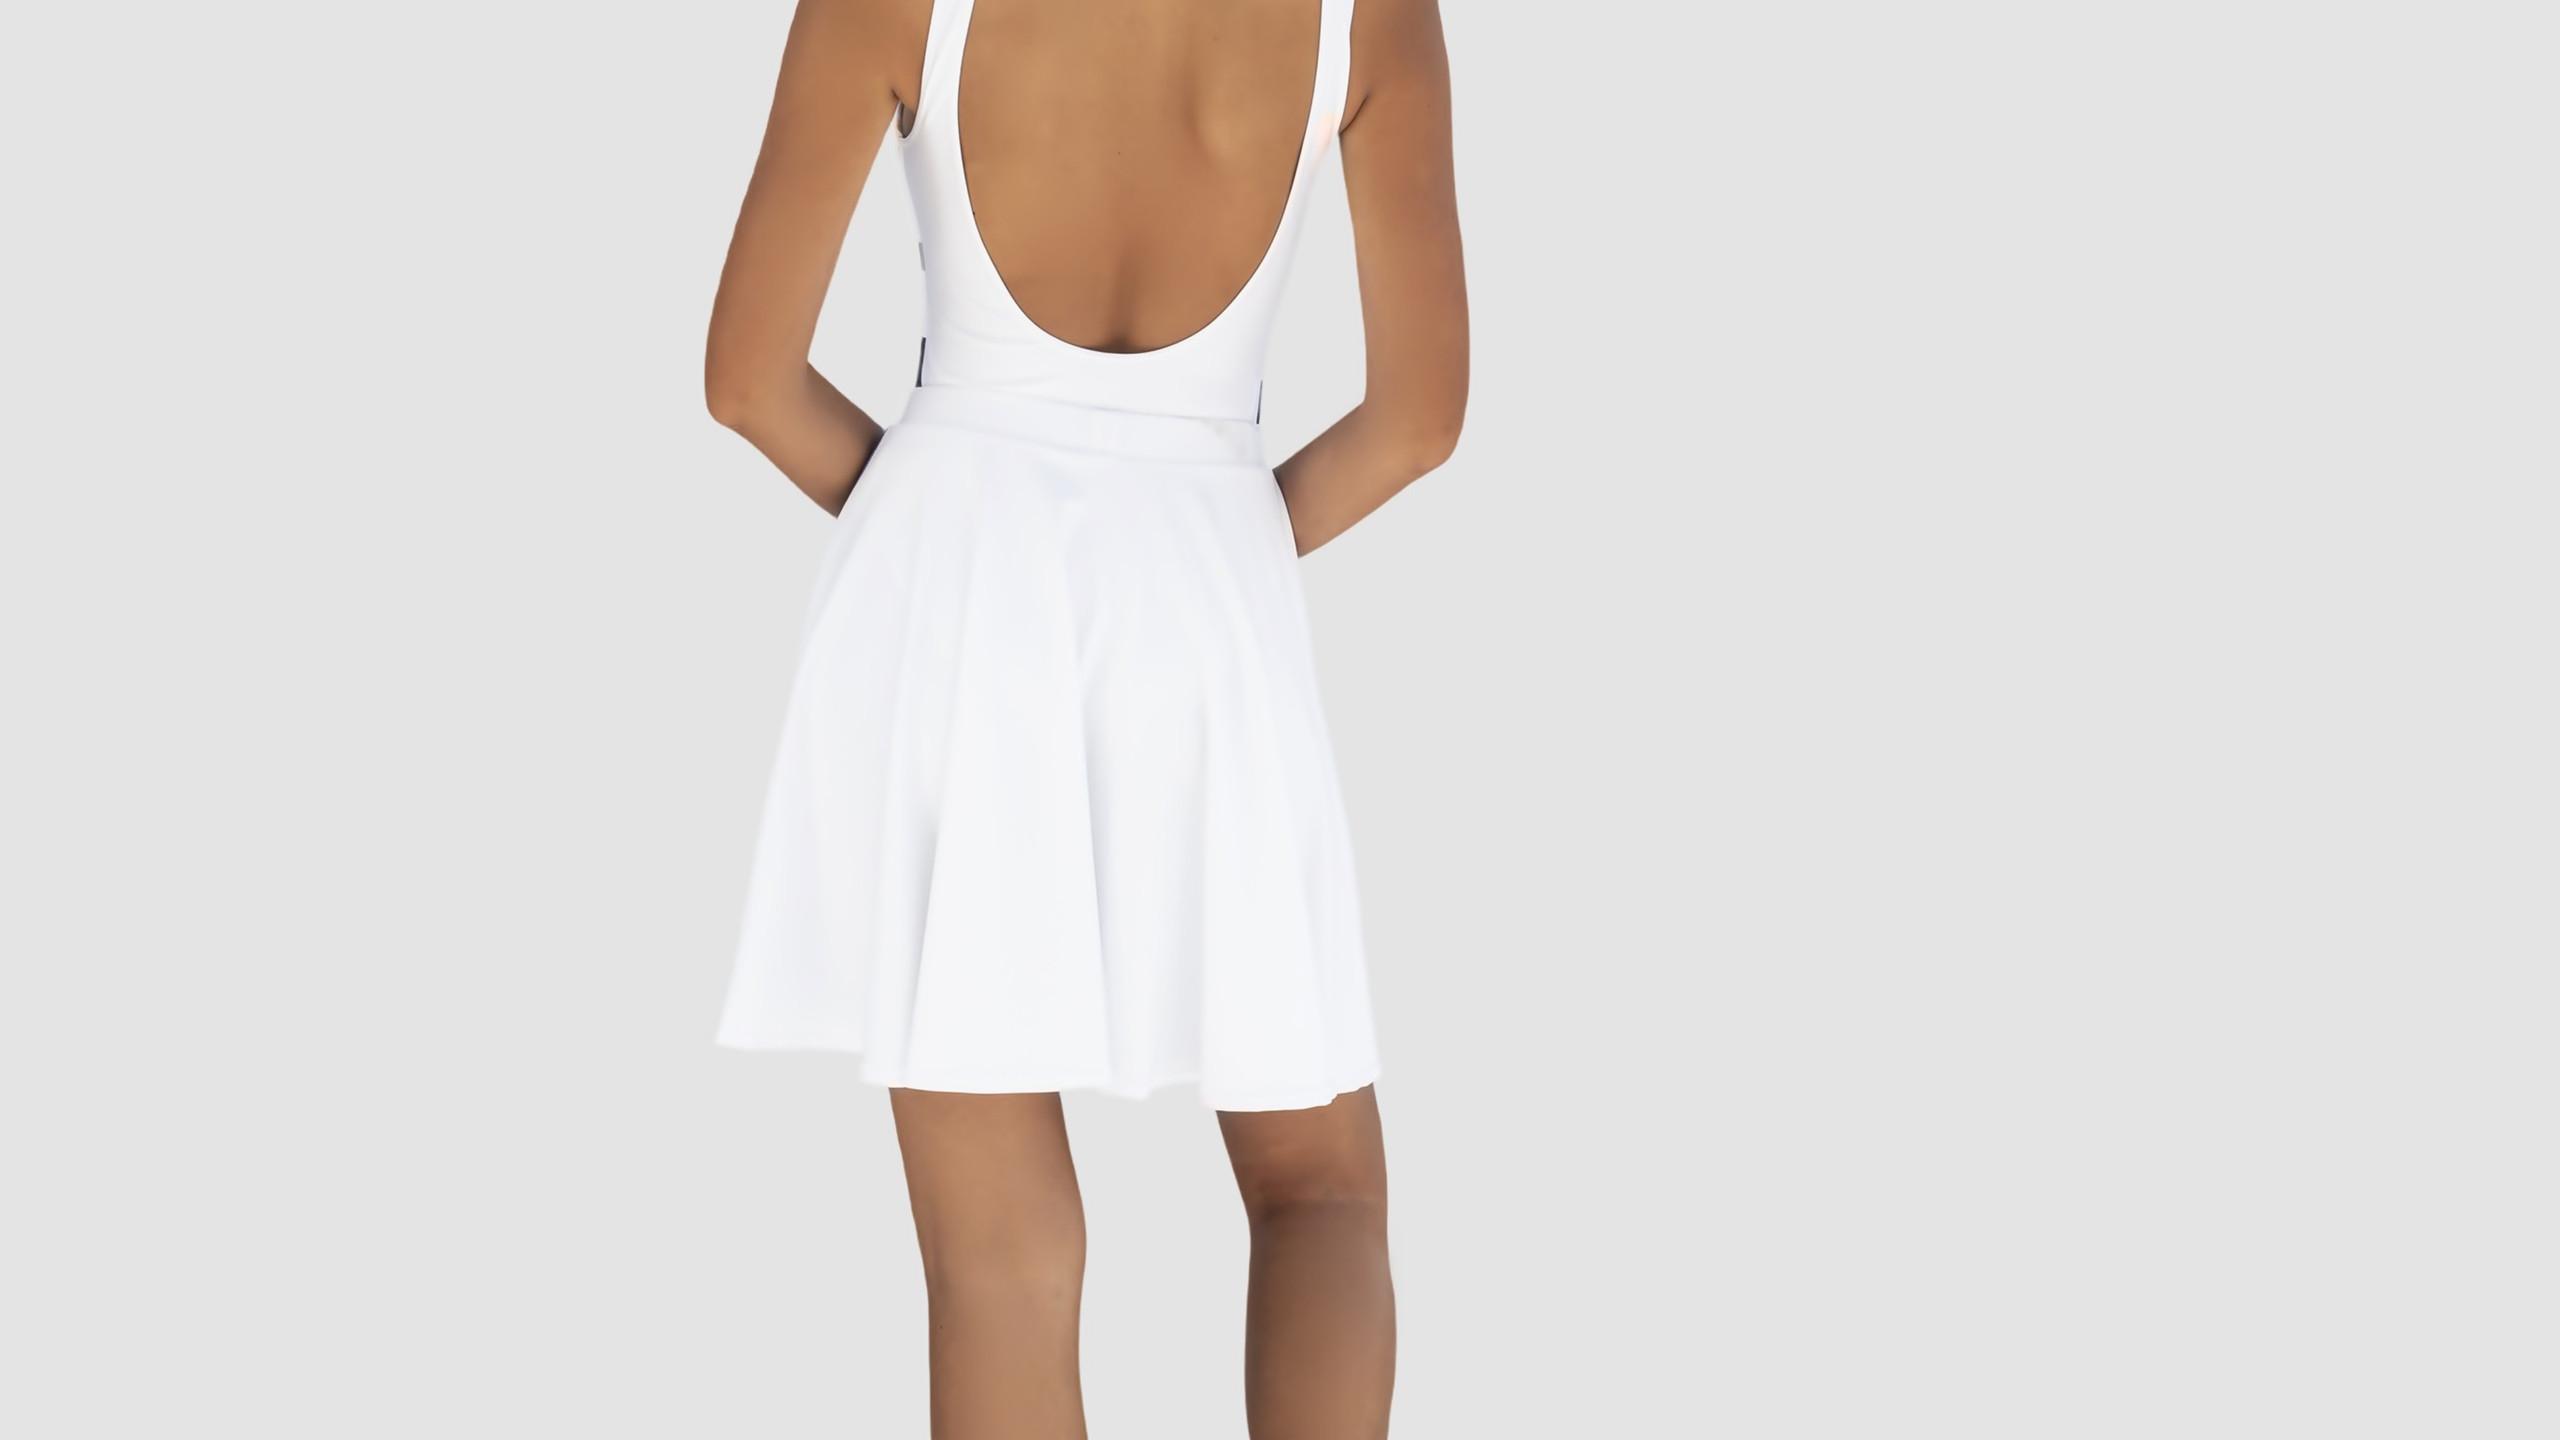 The Flirt Skirt